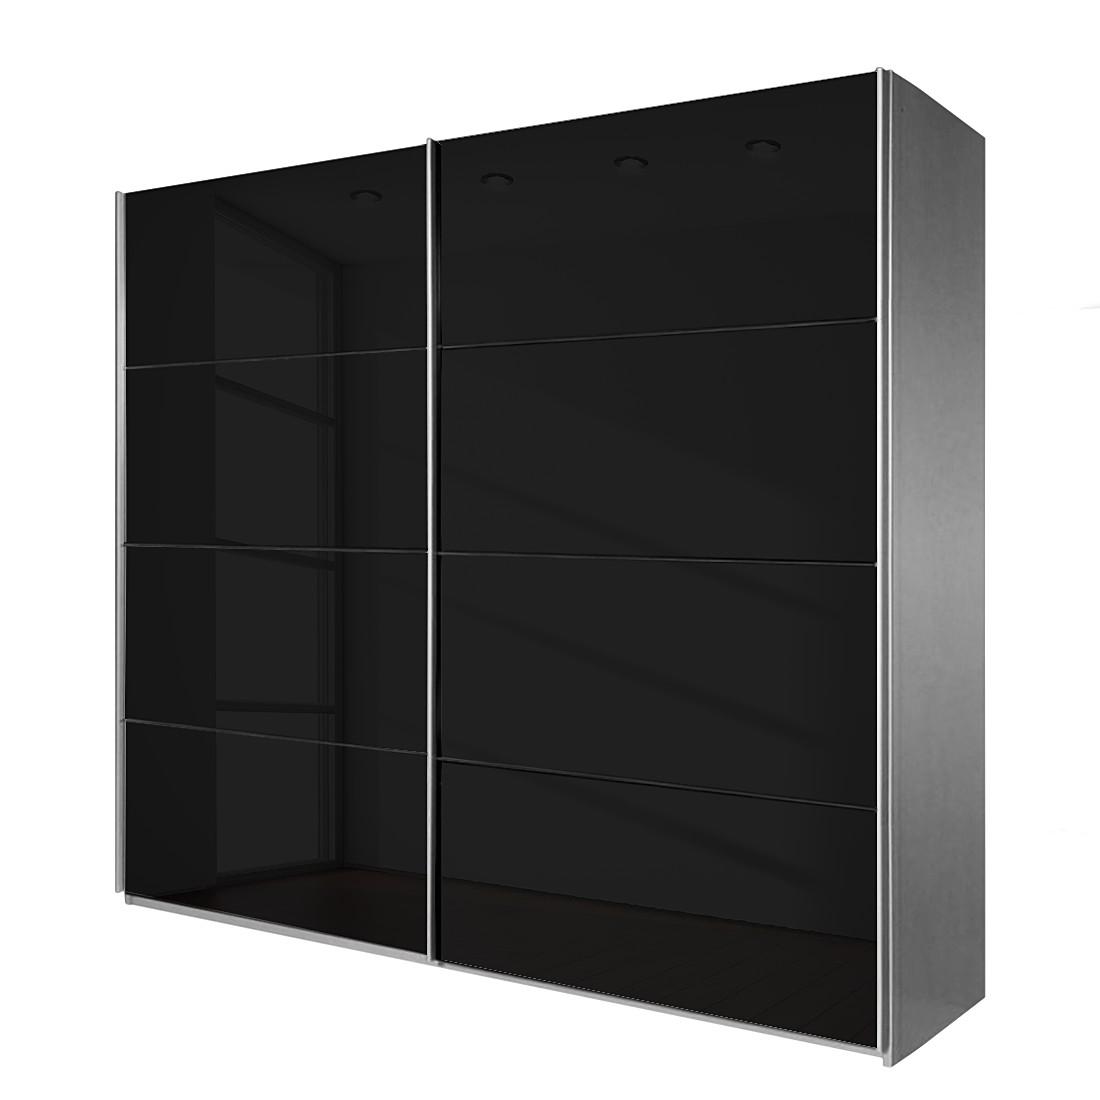 schwebet renschrank quadra glas schwarz alu geb rstet schrankbreite 315 cm 3 t rig rauch. Black Bedroom Furniture Sets. Home Design Ideas